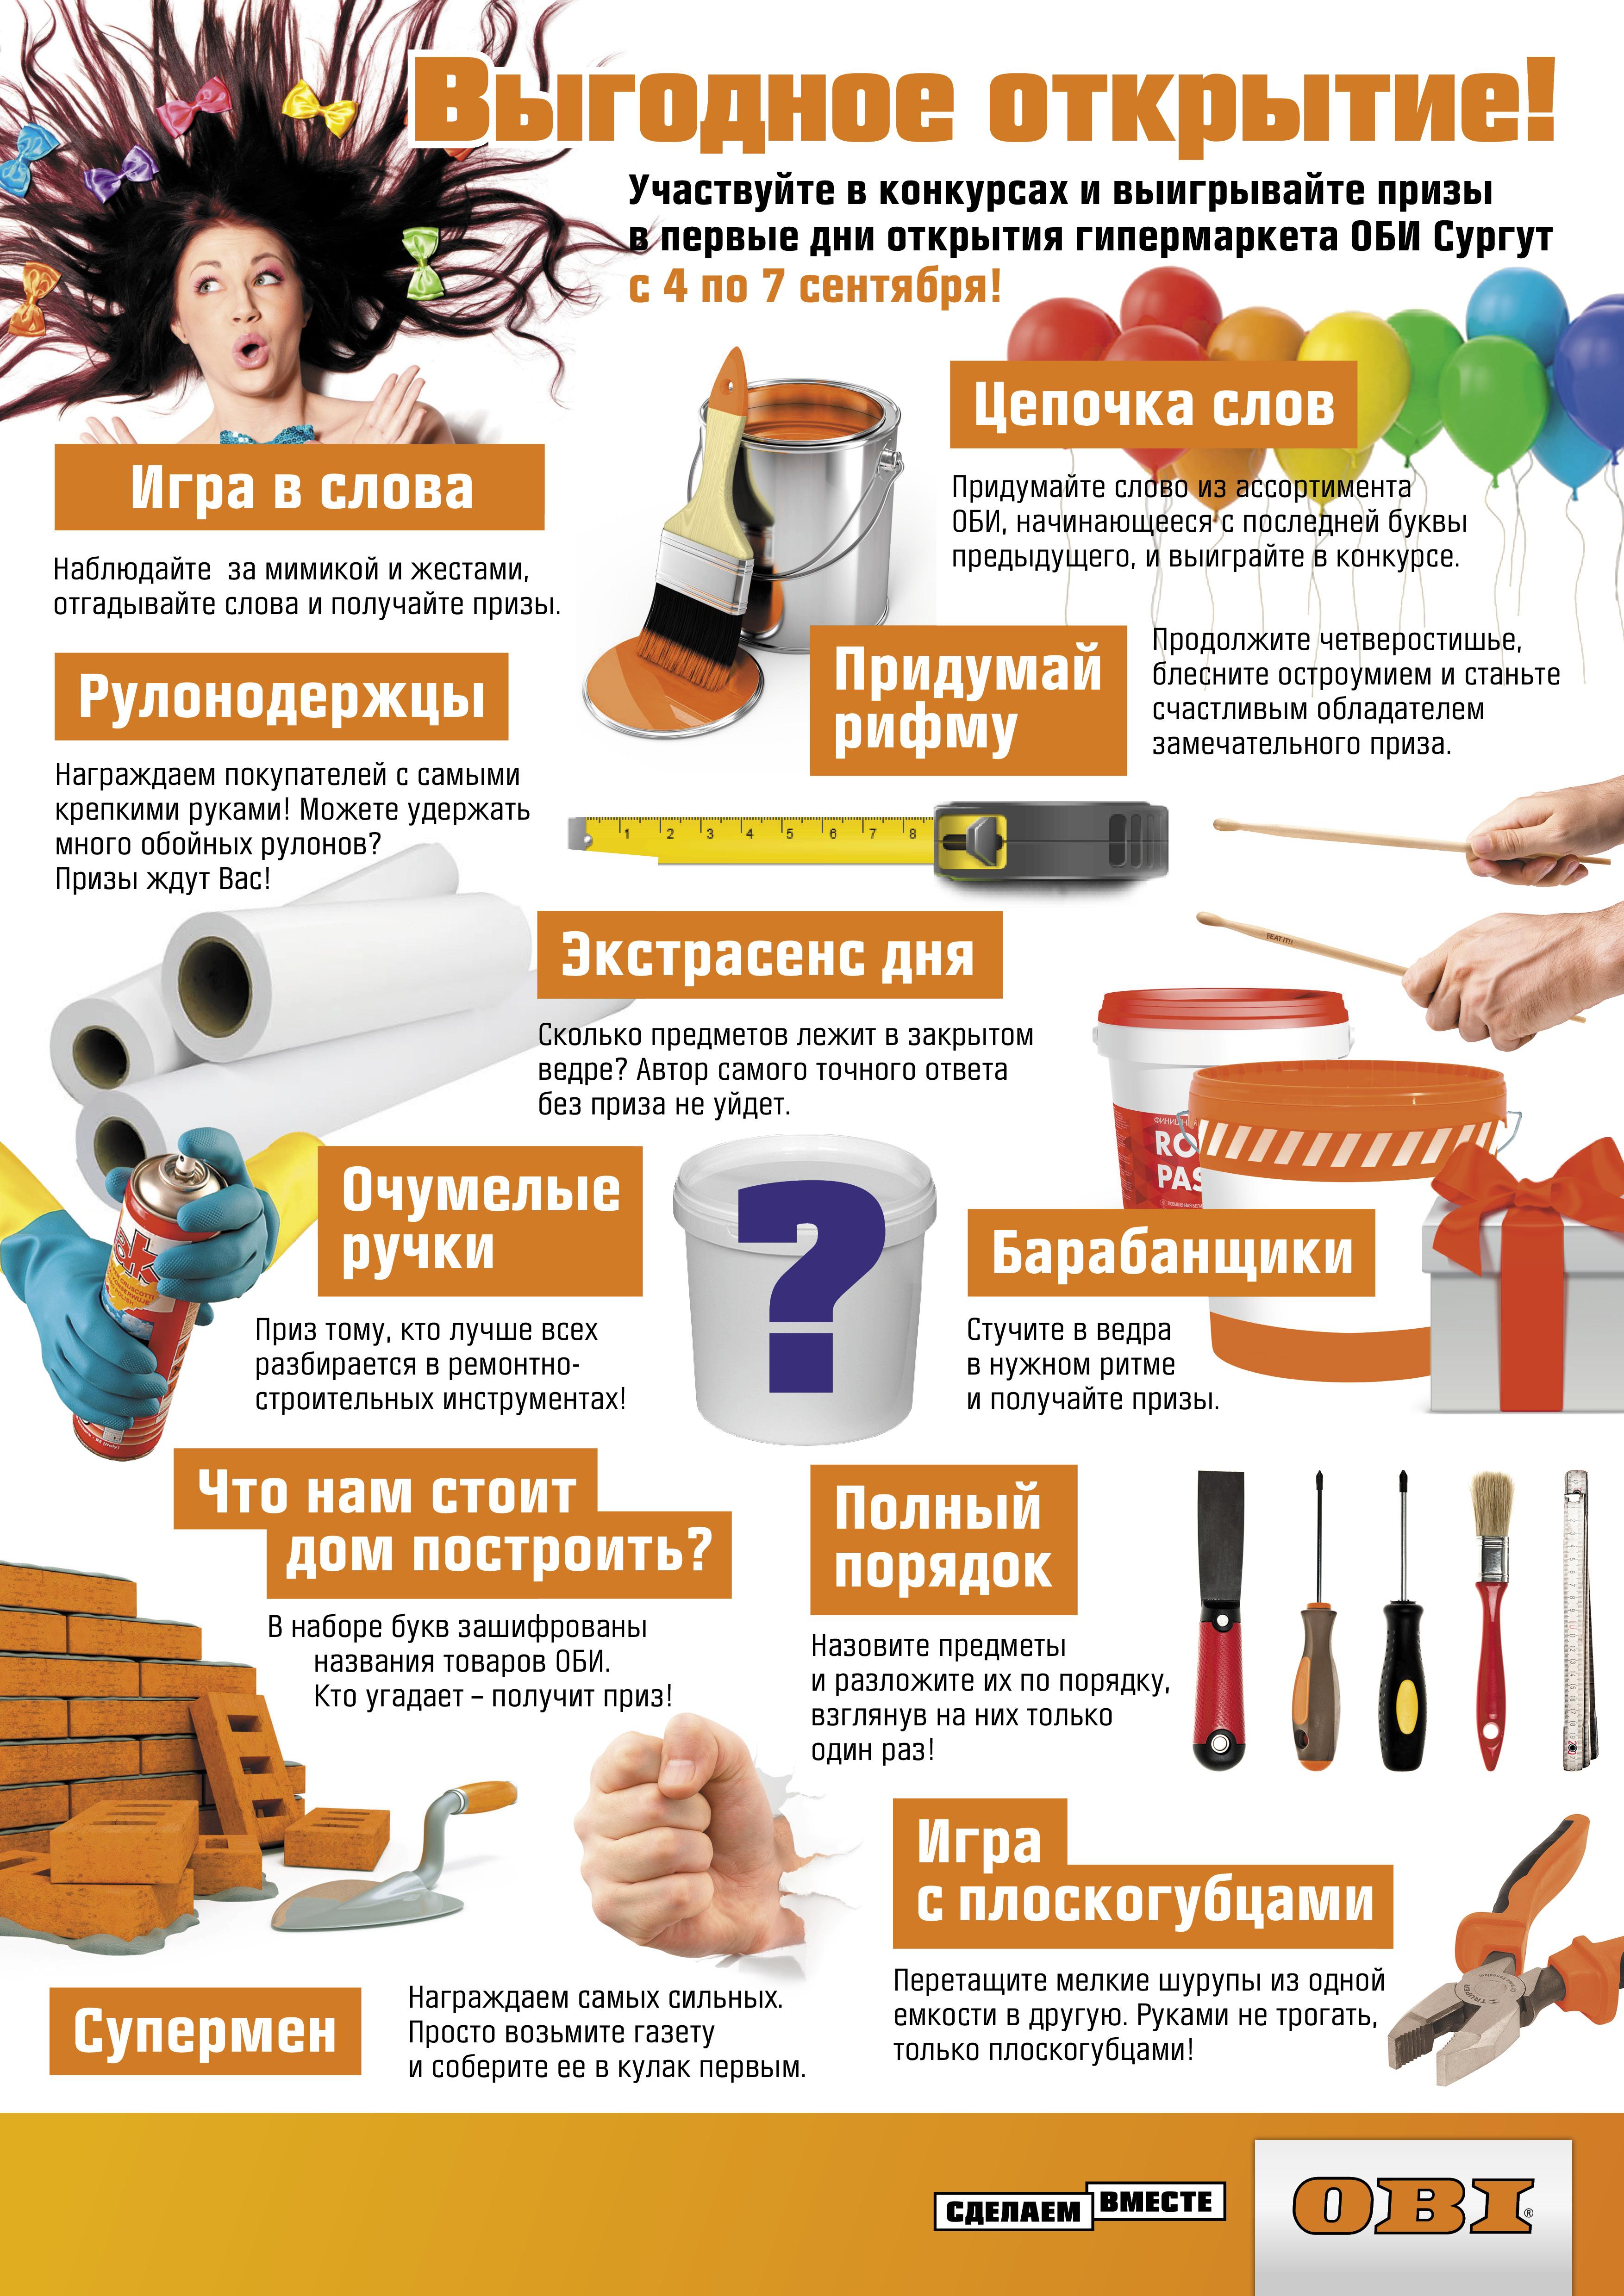 Постер. Конкурс к открытию гипермаркета OBI (г. Сургут)